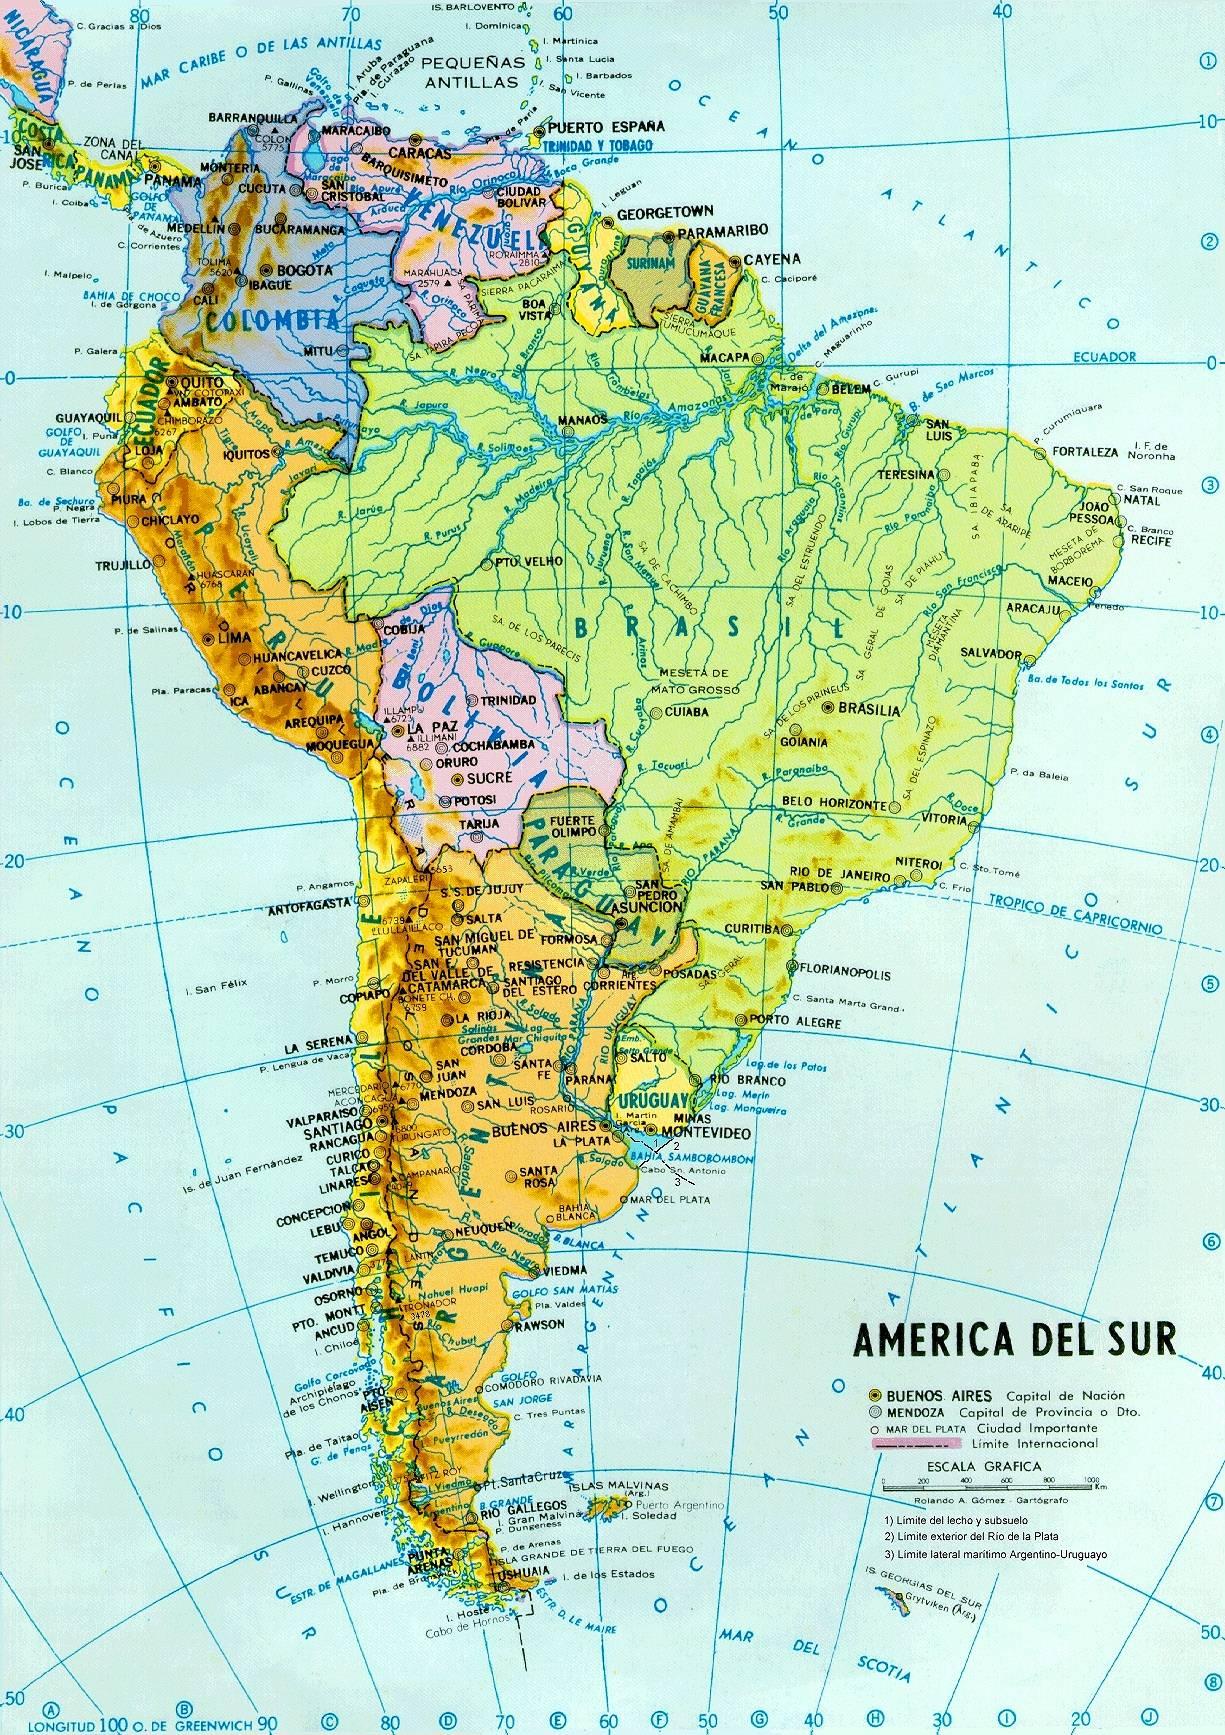 Carte des fleuves en Amérique du Sud